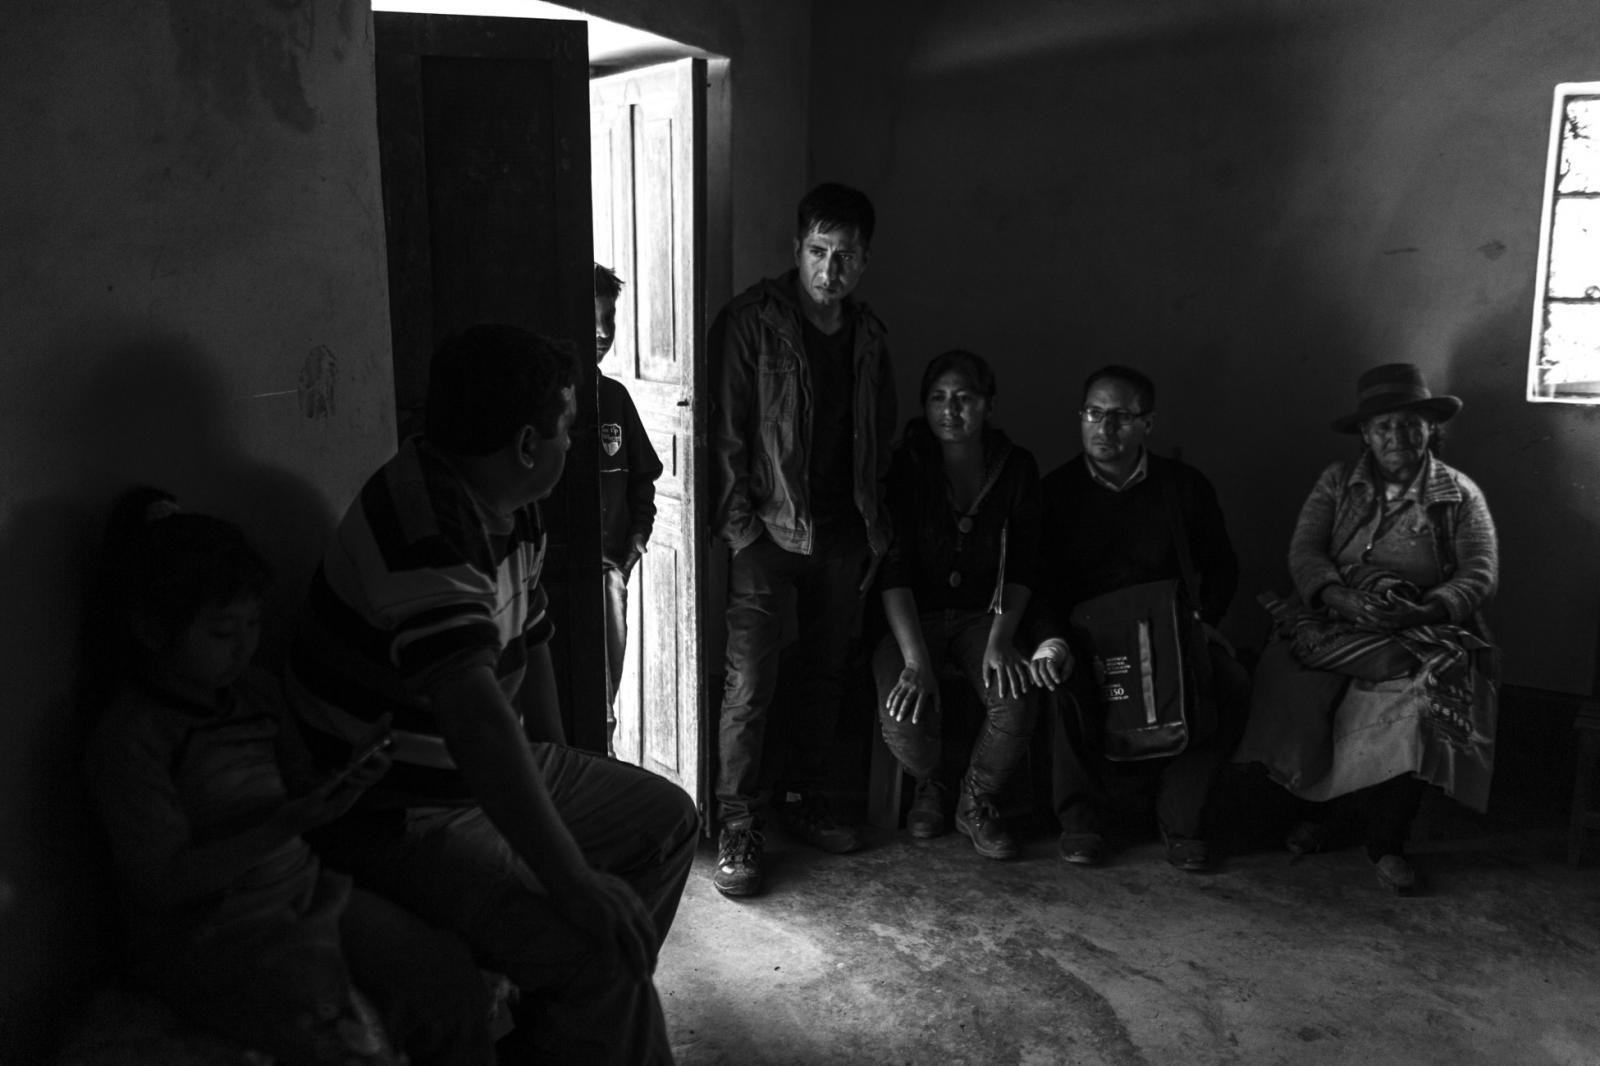 Tras la matanza, hace 34 años, el núcleo de la familia Morales se deshizo y los niños fueron repartidos entre sus tíos fuera de Ayacucho. Al no haber miembros directos de la familia, solidariamente los pobladores construyeron los nichos y organizo la recepción de los.